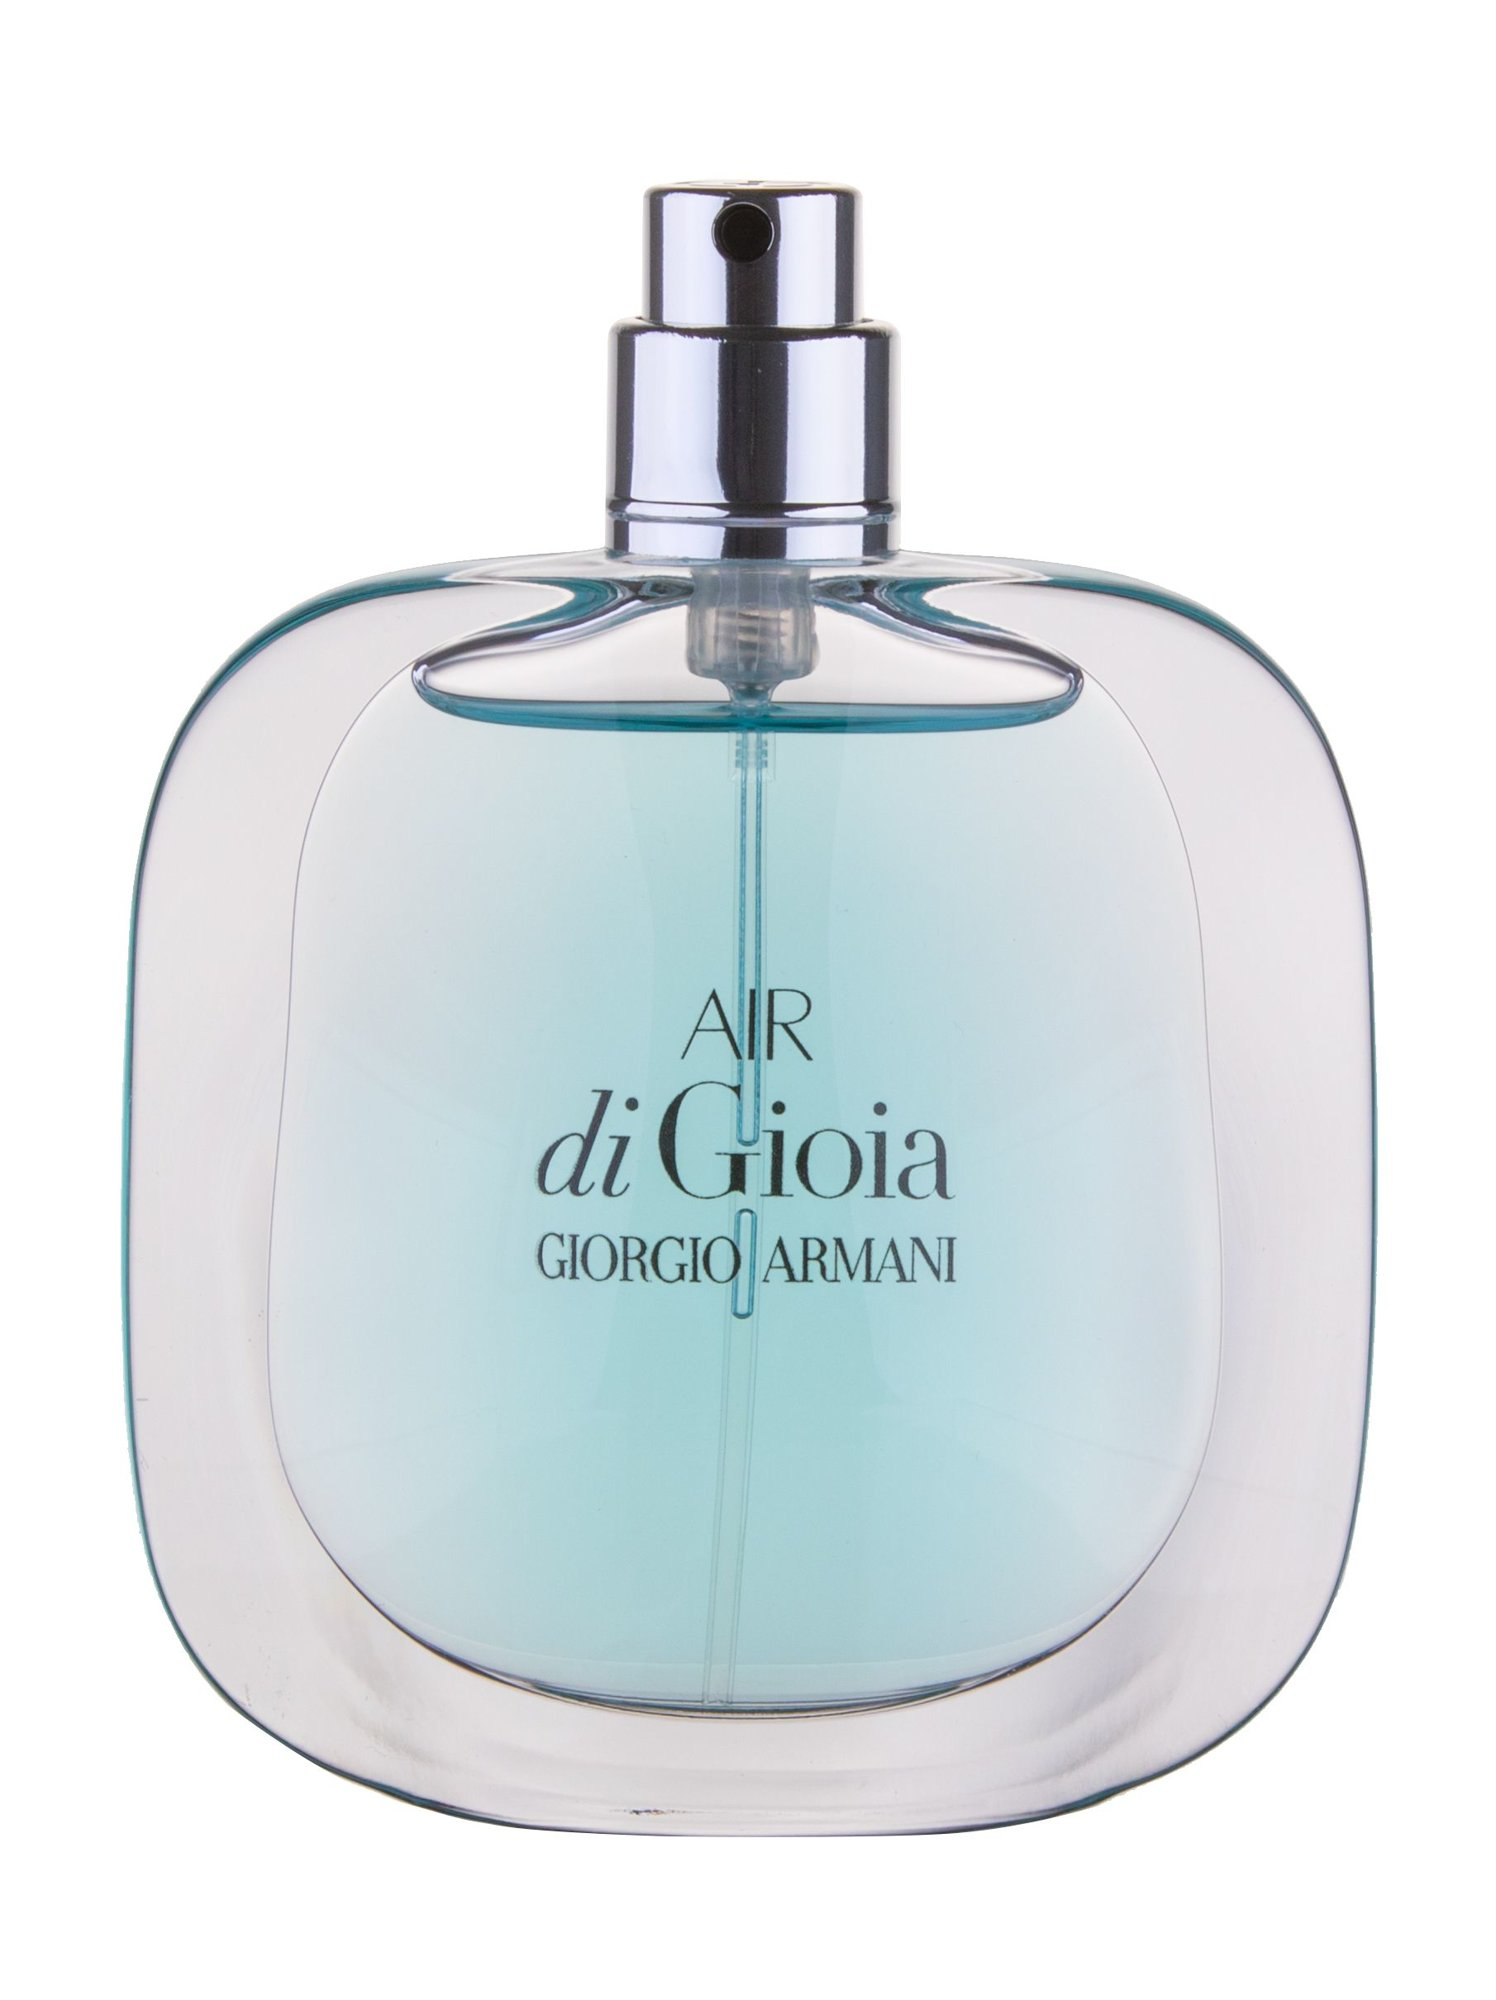 Giorgio Armani Air di Gioia EDP 50ml